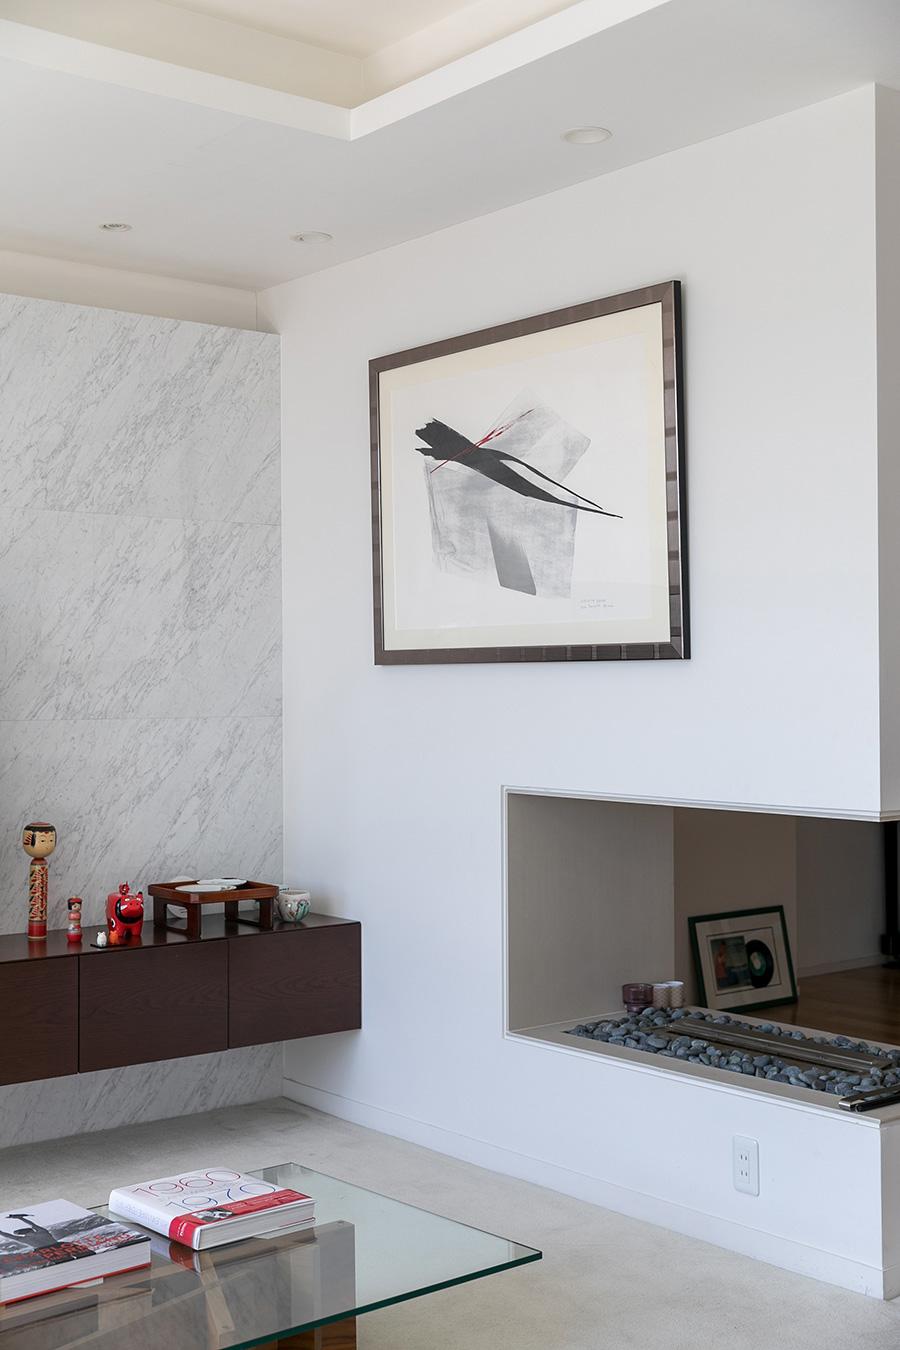 壁に飾られた墨絵は篠田桃紅の作品。不定期に飾る作品を変える。